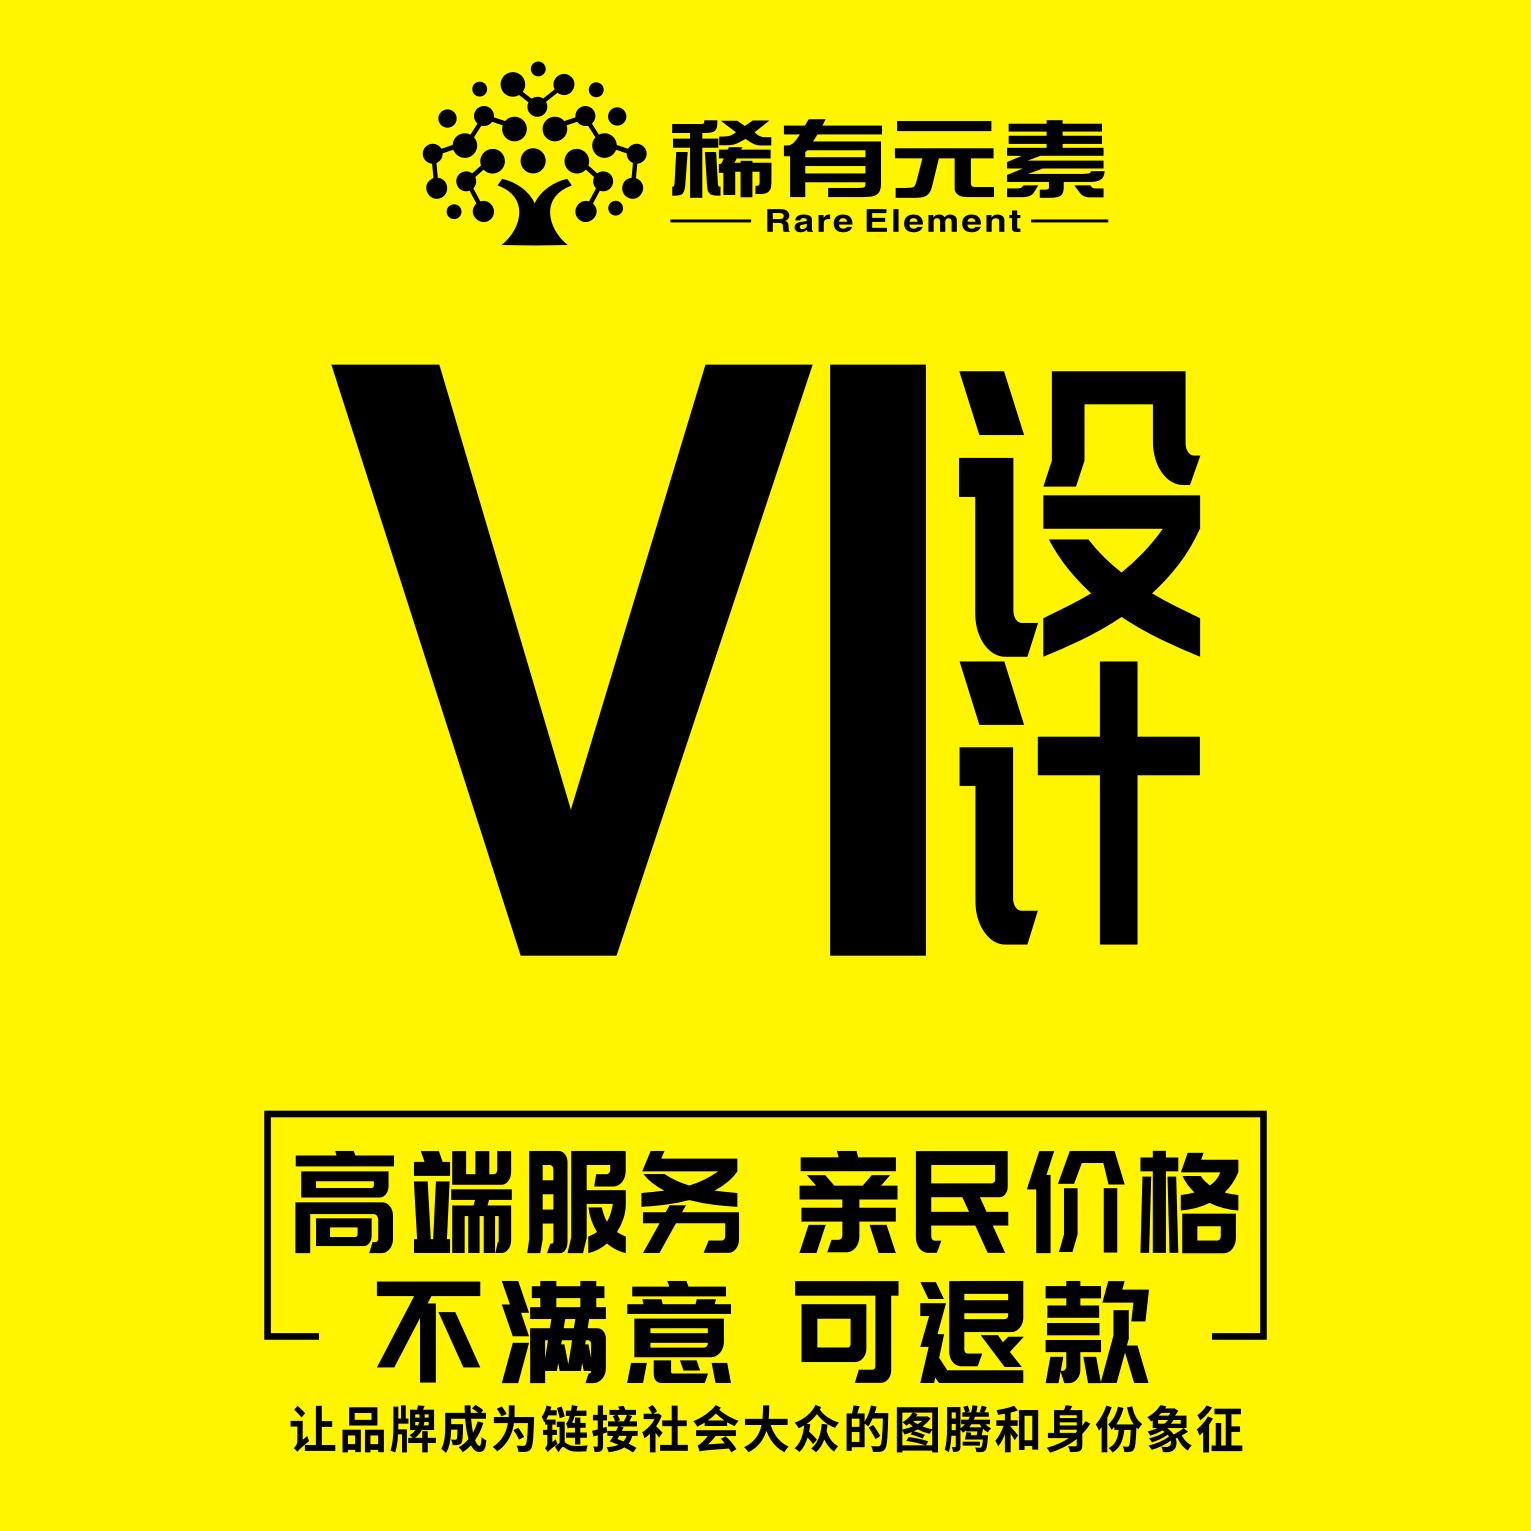 品牌VI设计/品牌VIS定制/品牌导视系统/品牌VI系统全套